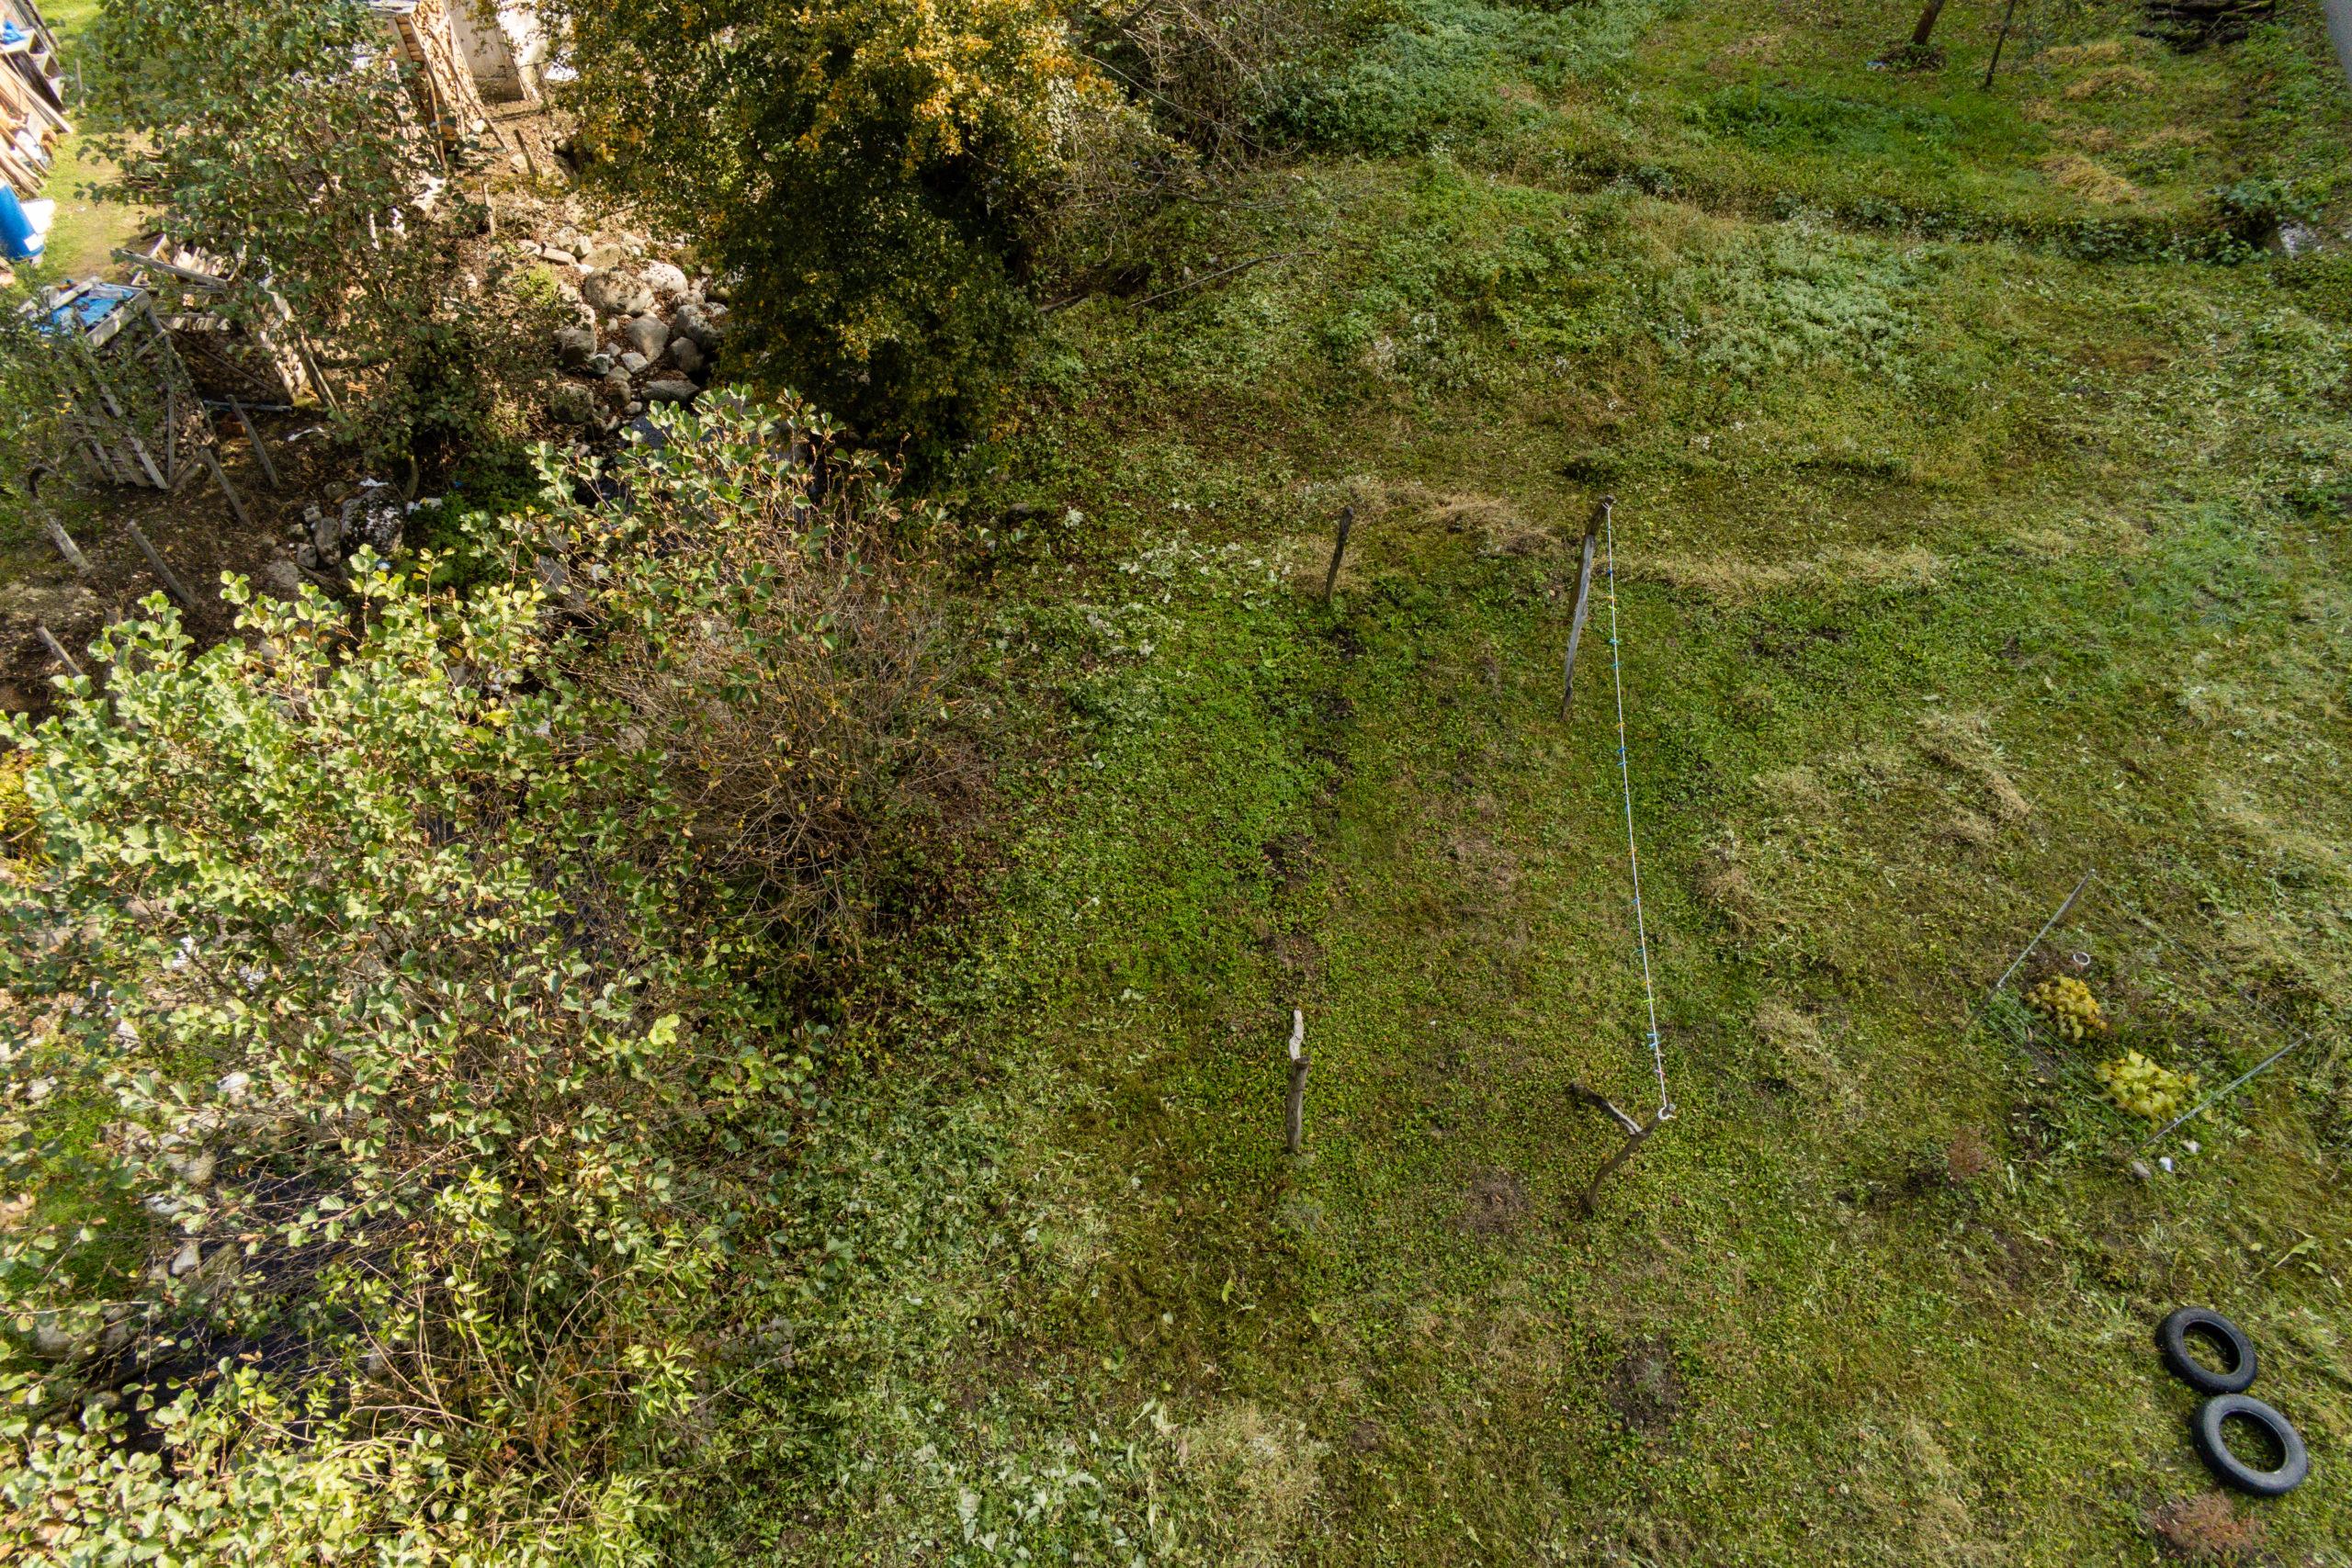 Cancari Road 2 - Drone